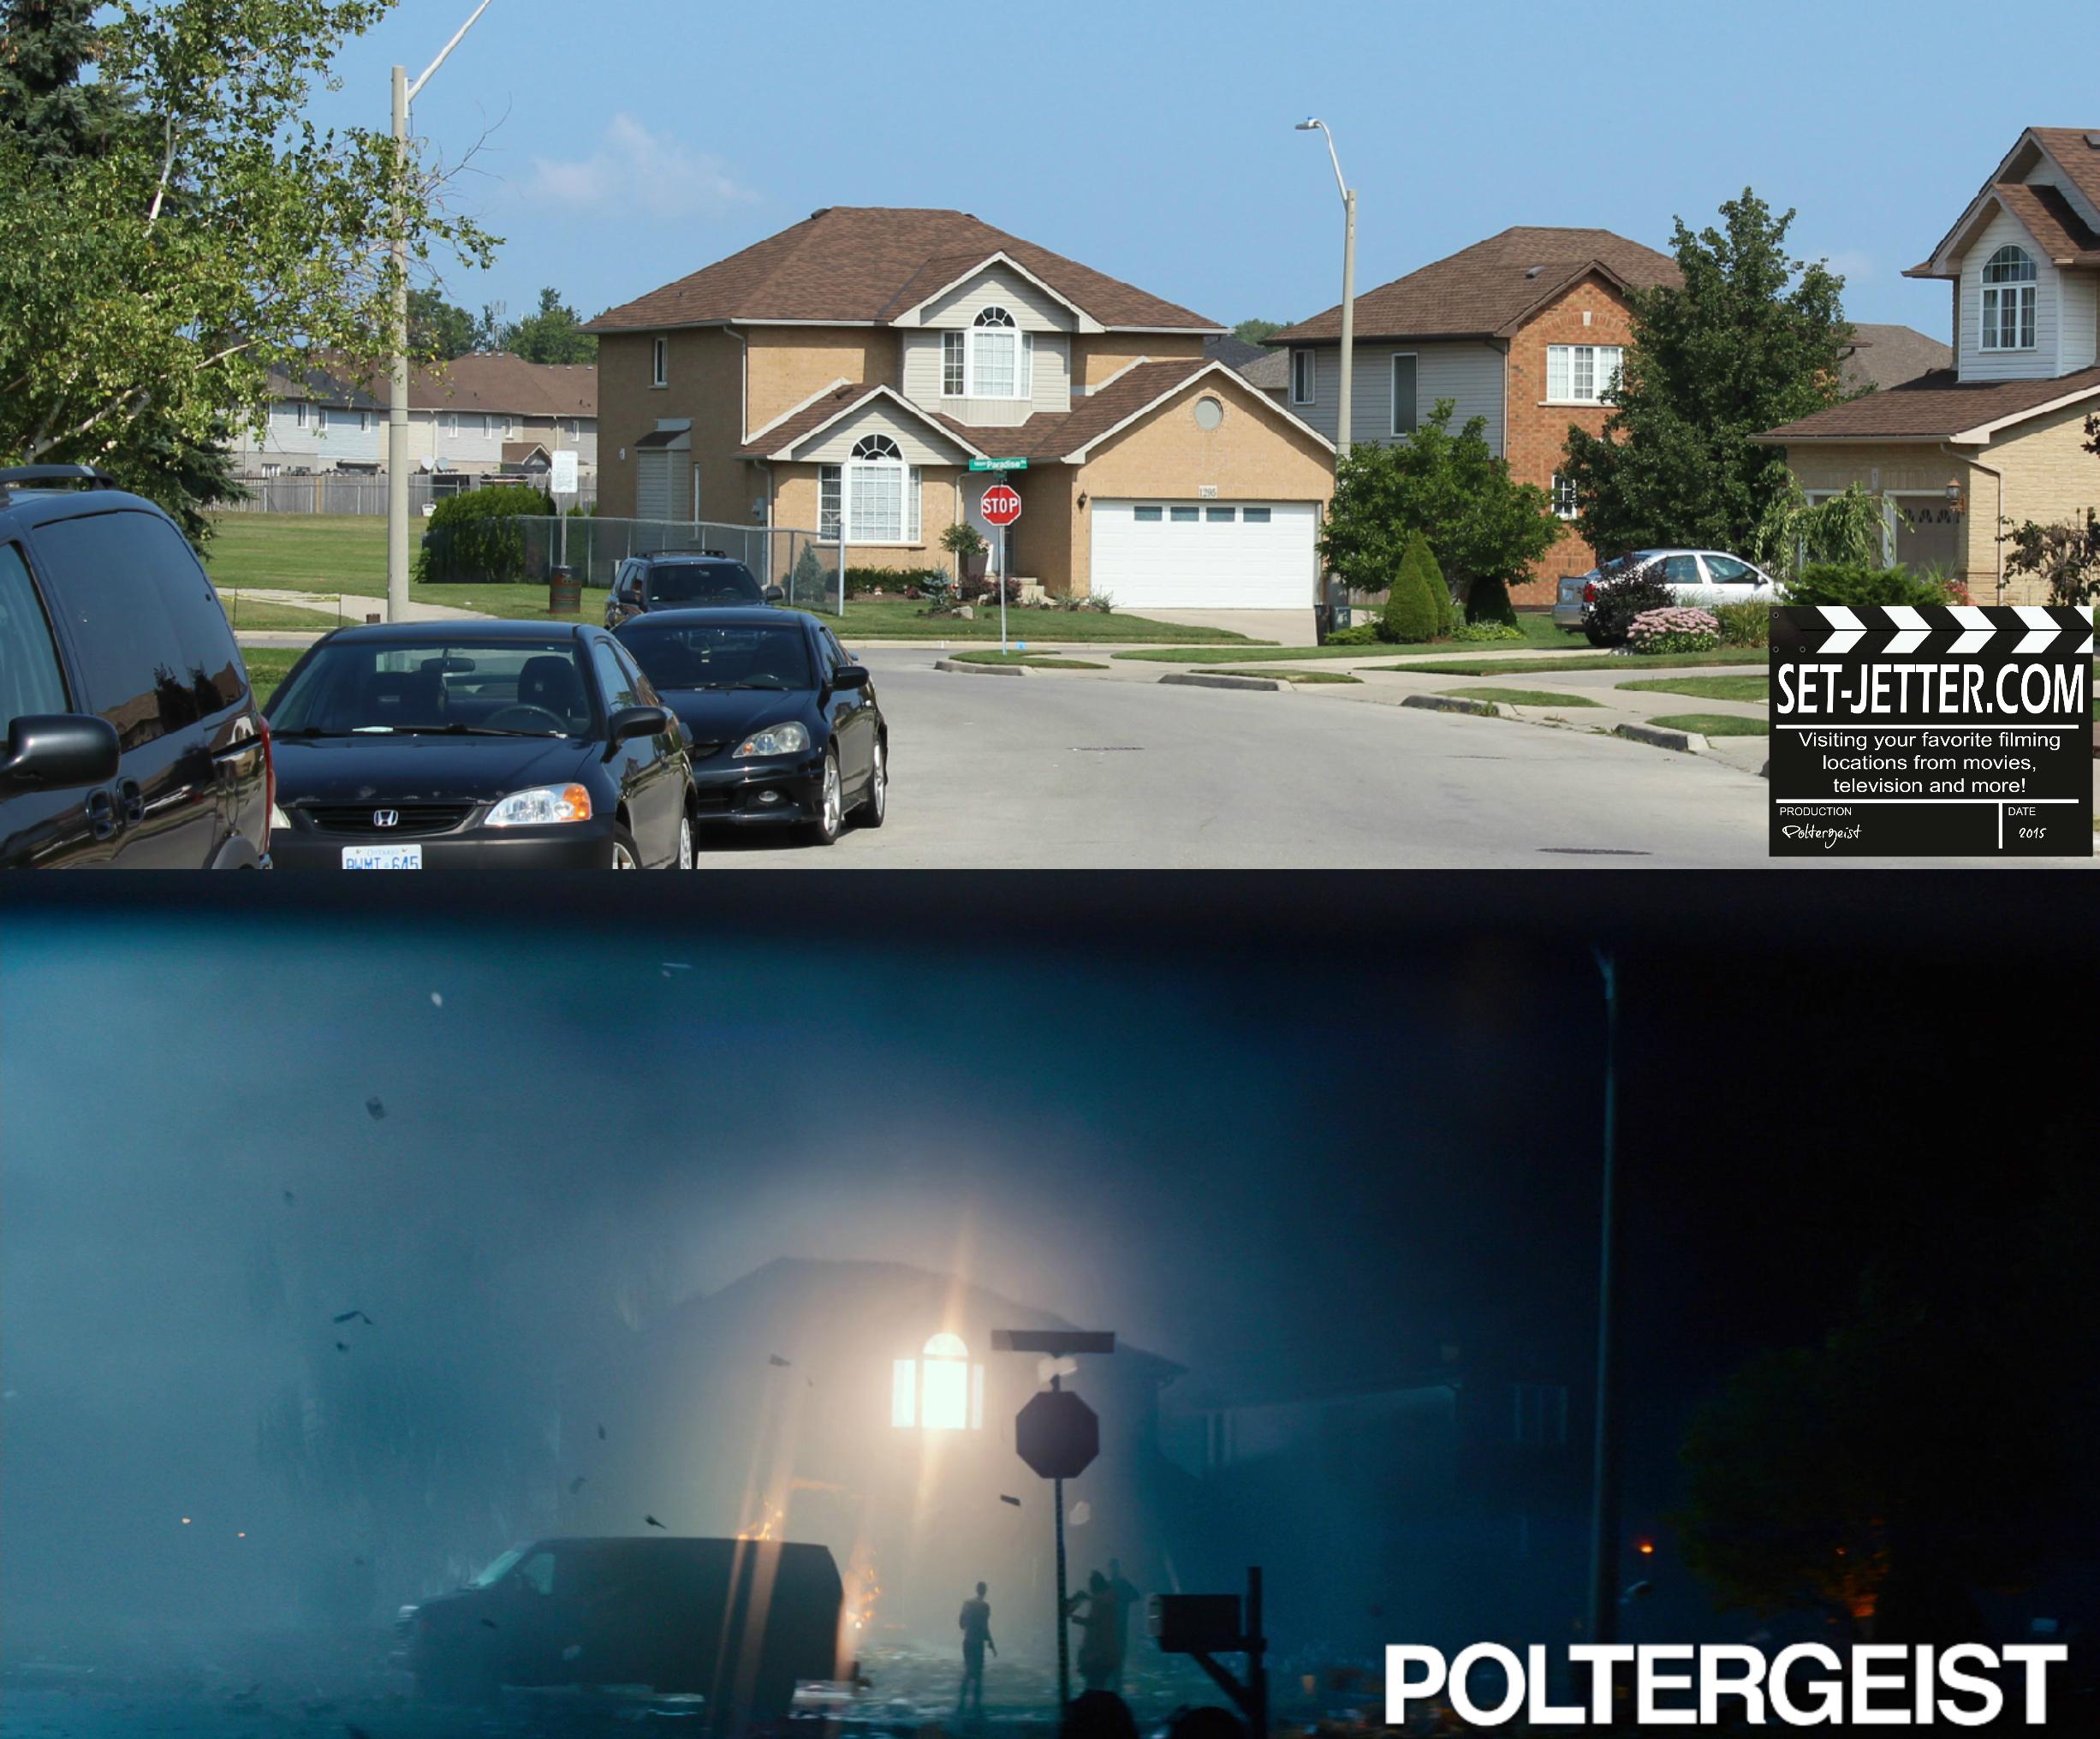 Poltergeist comparison 117.jpg